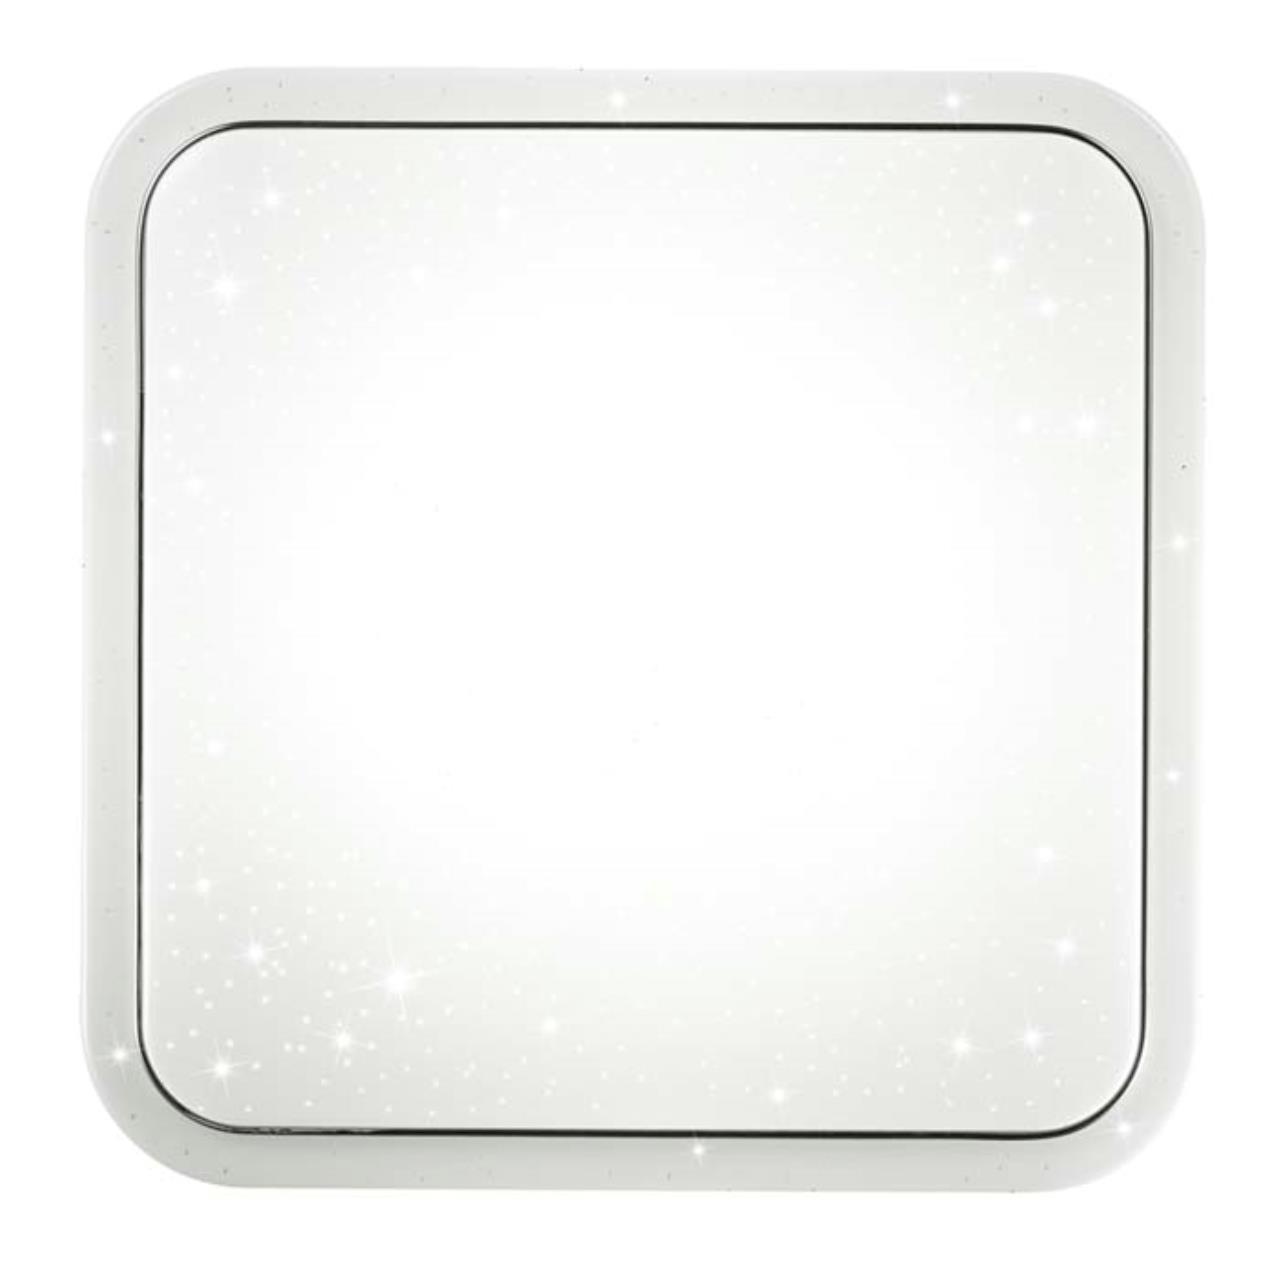 2014/F SN 097 св-к KVADRI пластик LED 90Вт 3200-4200-6200K 600х600 IP43 пульт ДУ